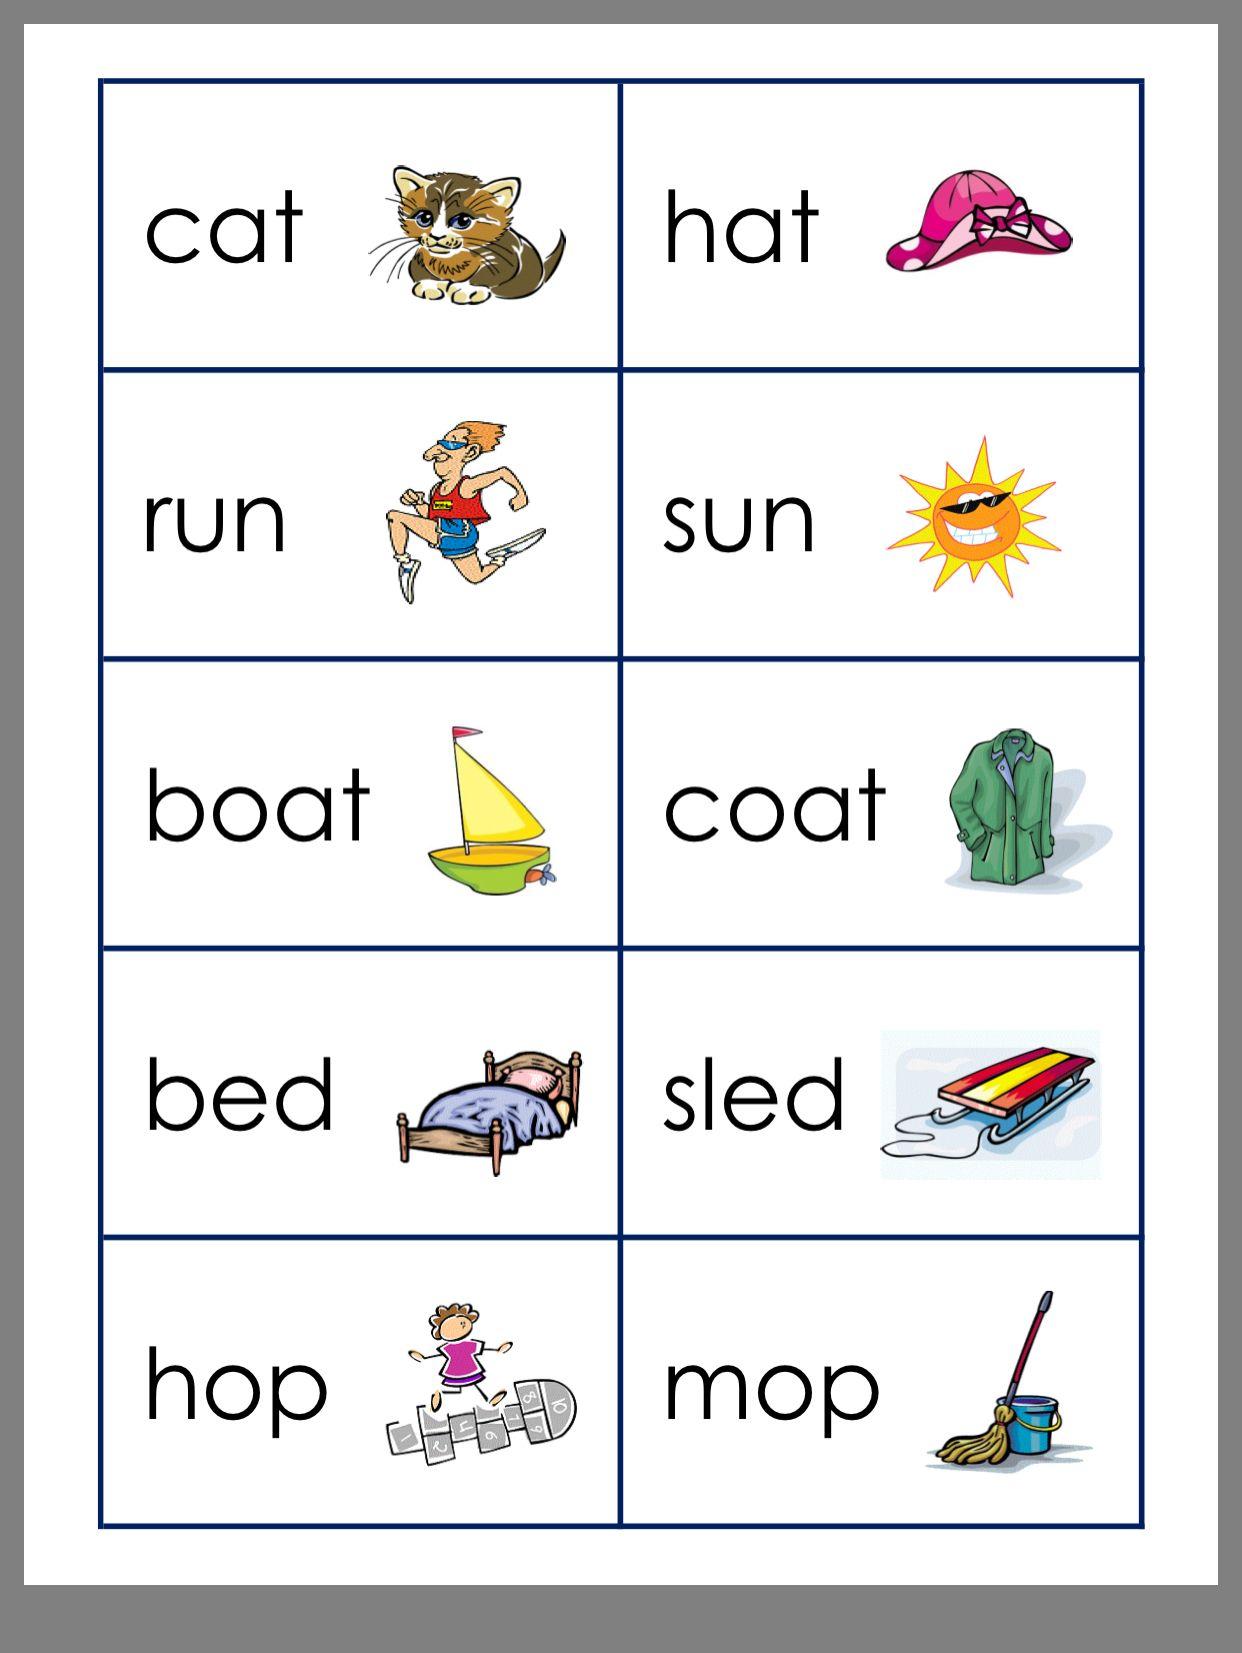 de084046396824becda264ba1172ce47 - Rhyme Words Kindergarten